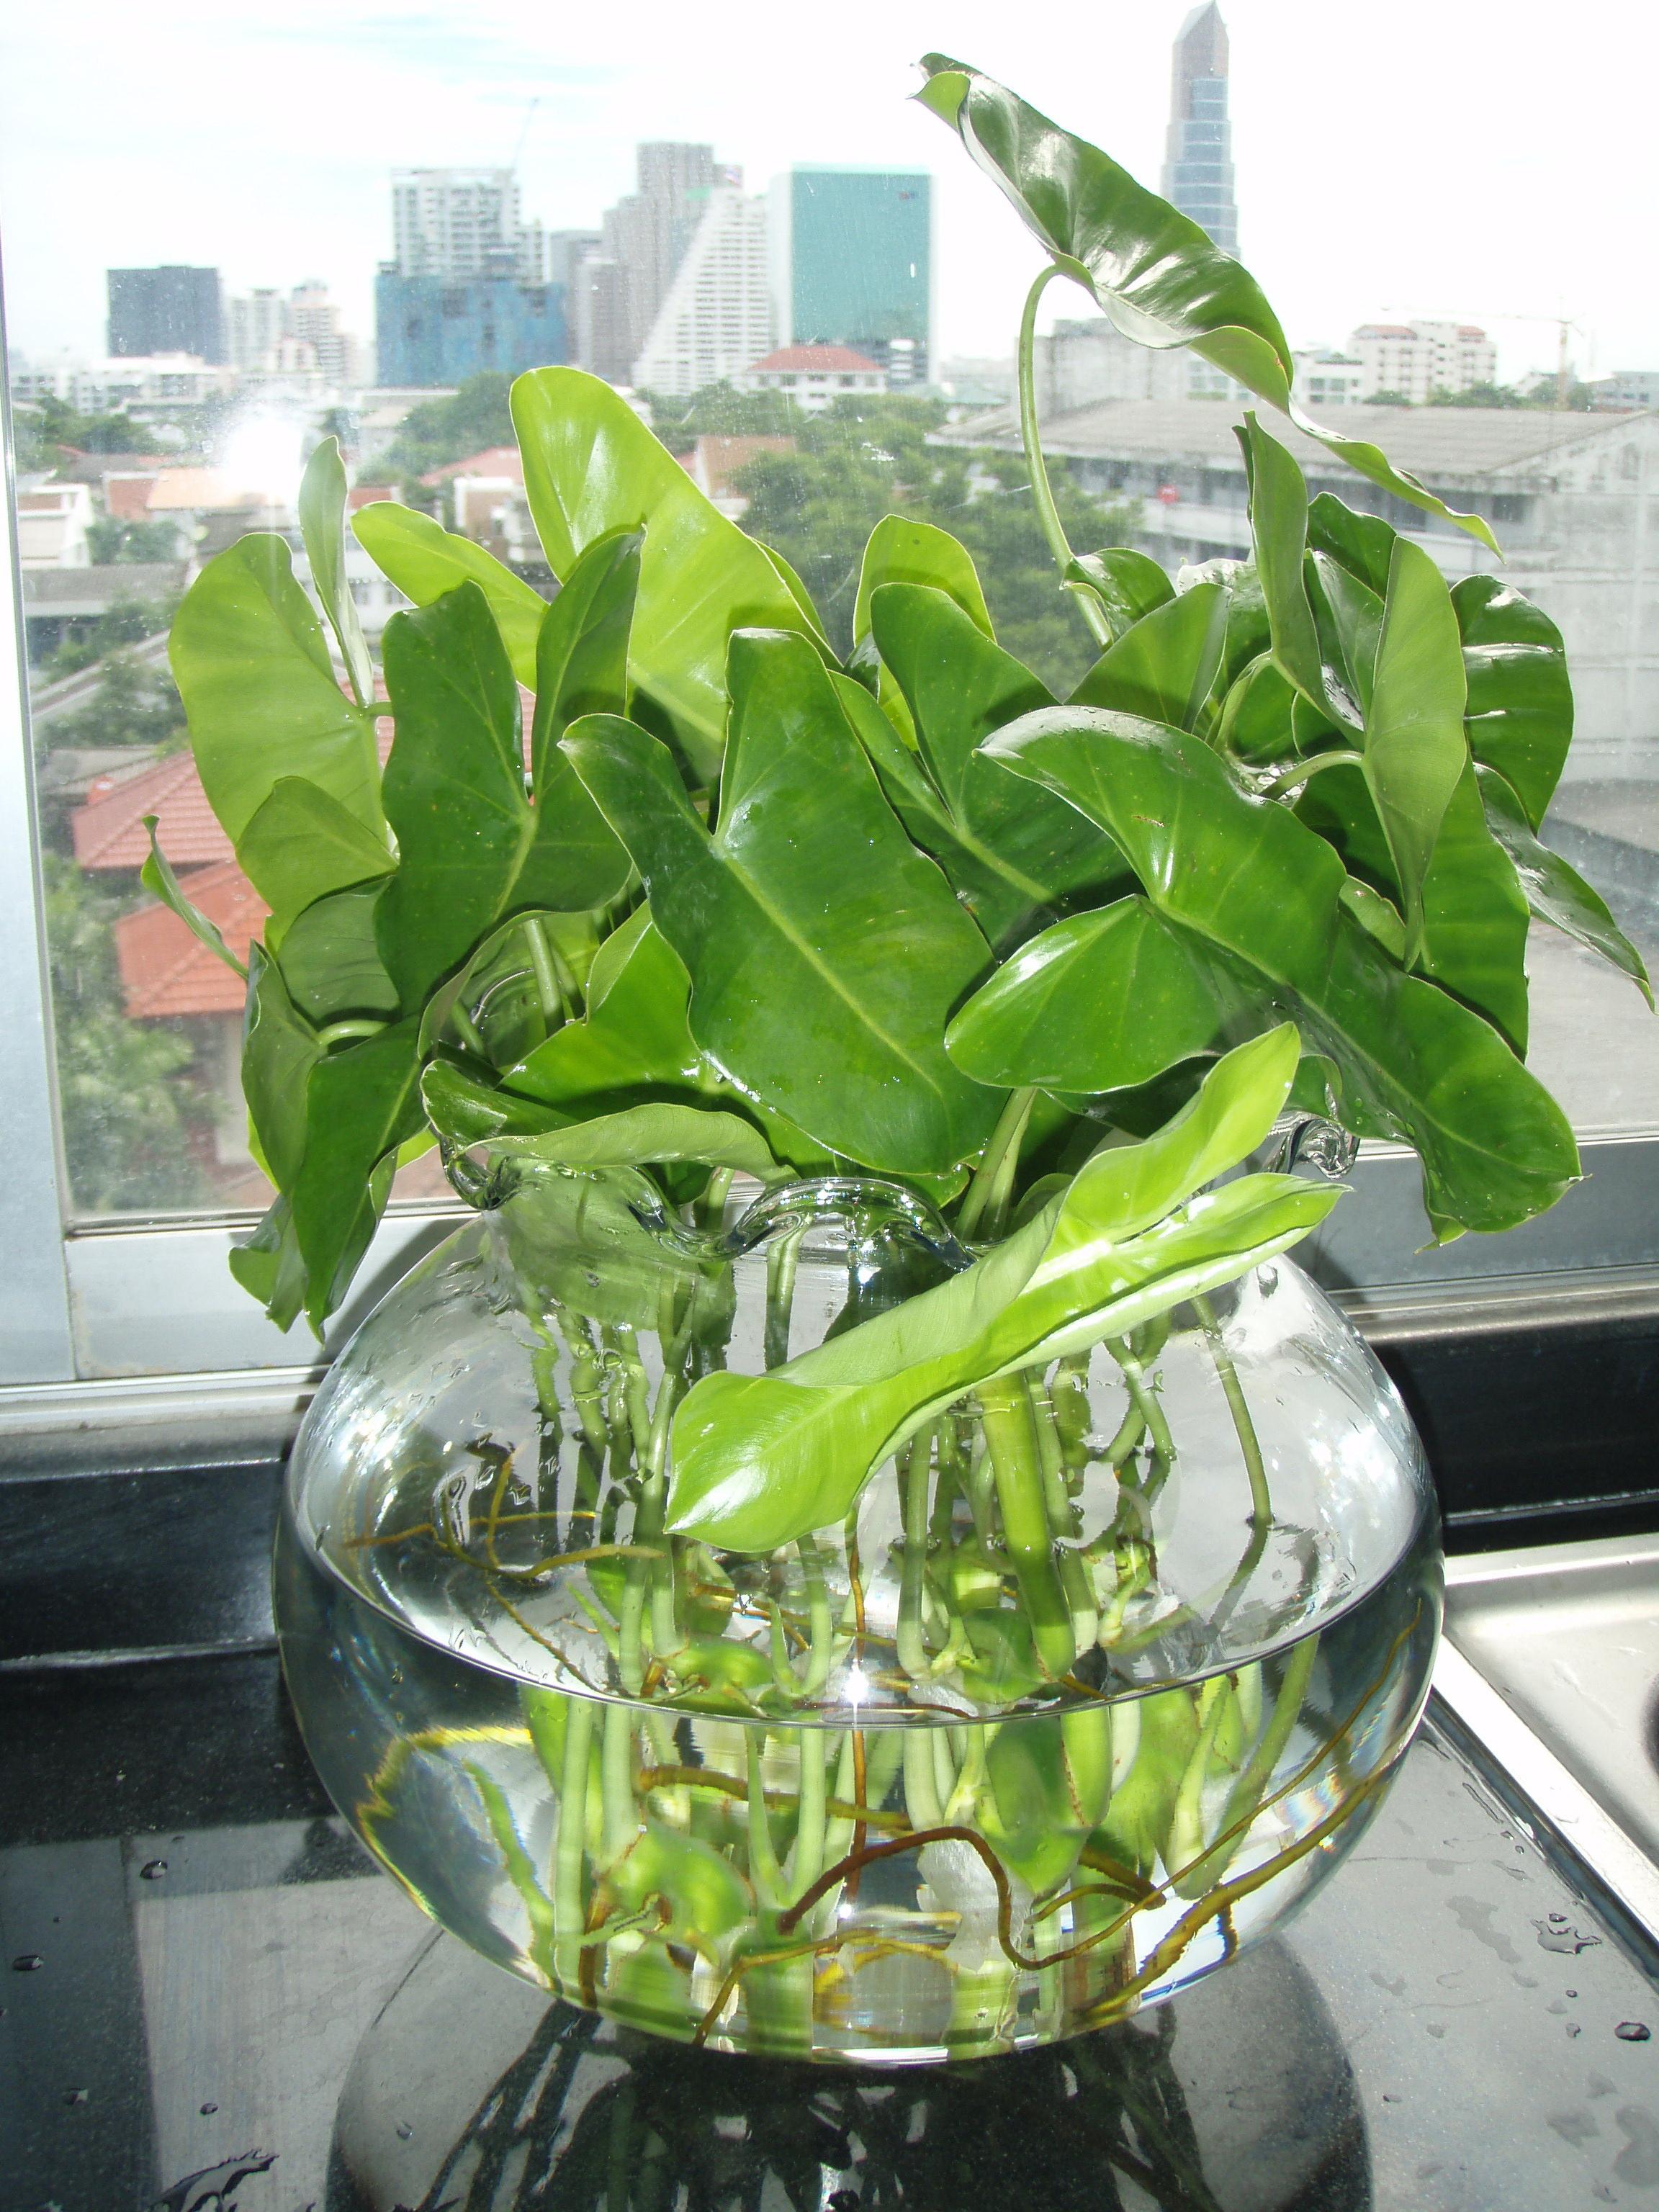 Best Kitchen Gallery: Garden Design Garden Design With Tropical Indoor Plants Slimnewedit of Tropical Foliage Houseplants on rachelxblog.com